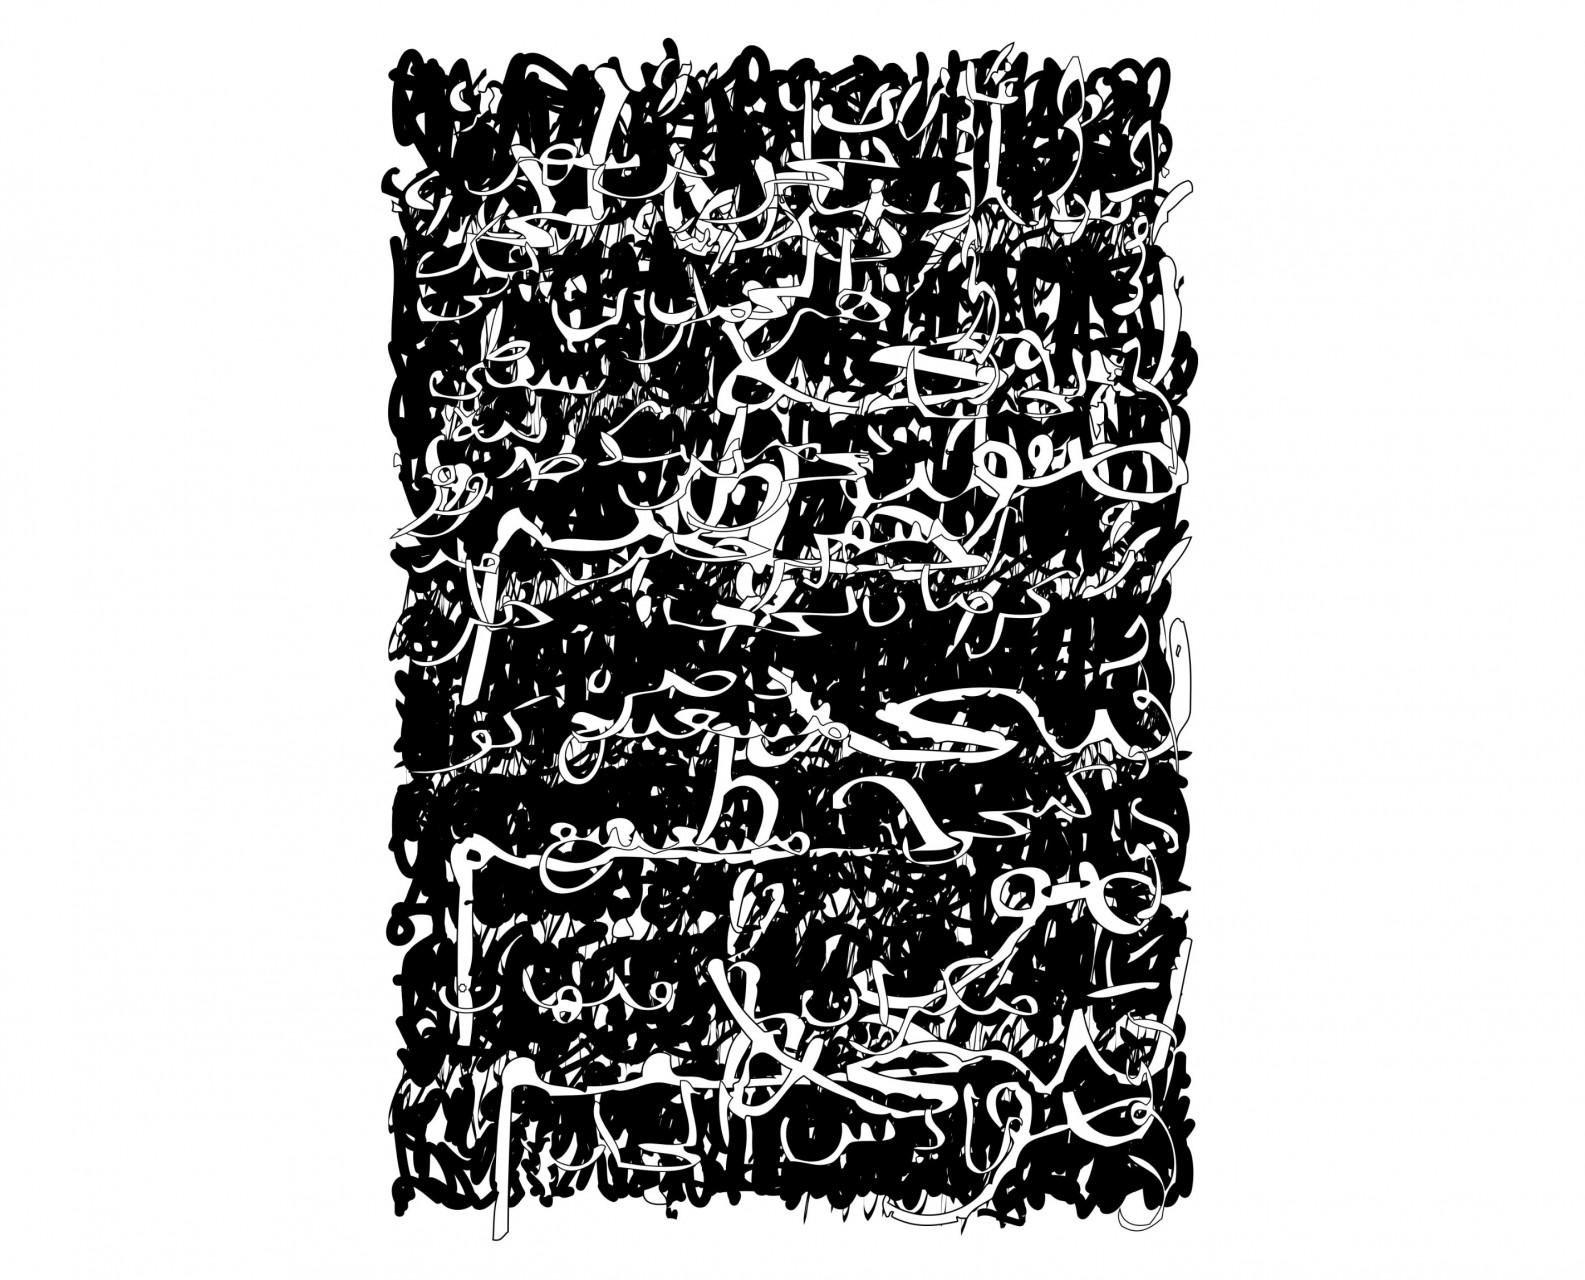 Palimpsest 015, 205 x 137 cm